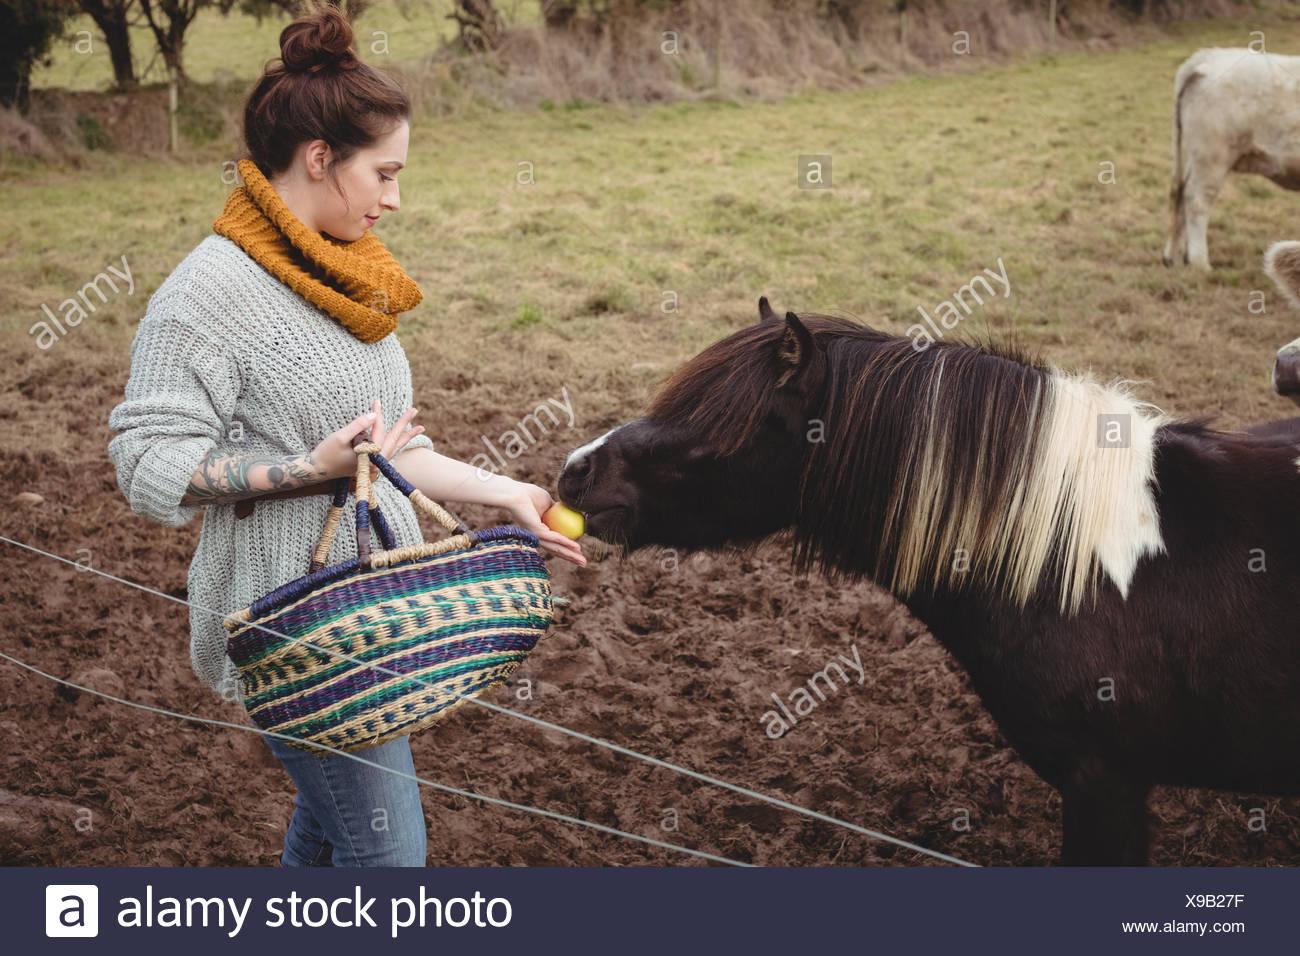 Mujer con cesta alimentar un caballo en el campo Foto de stock